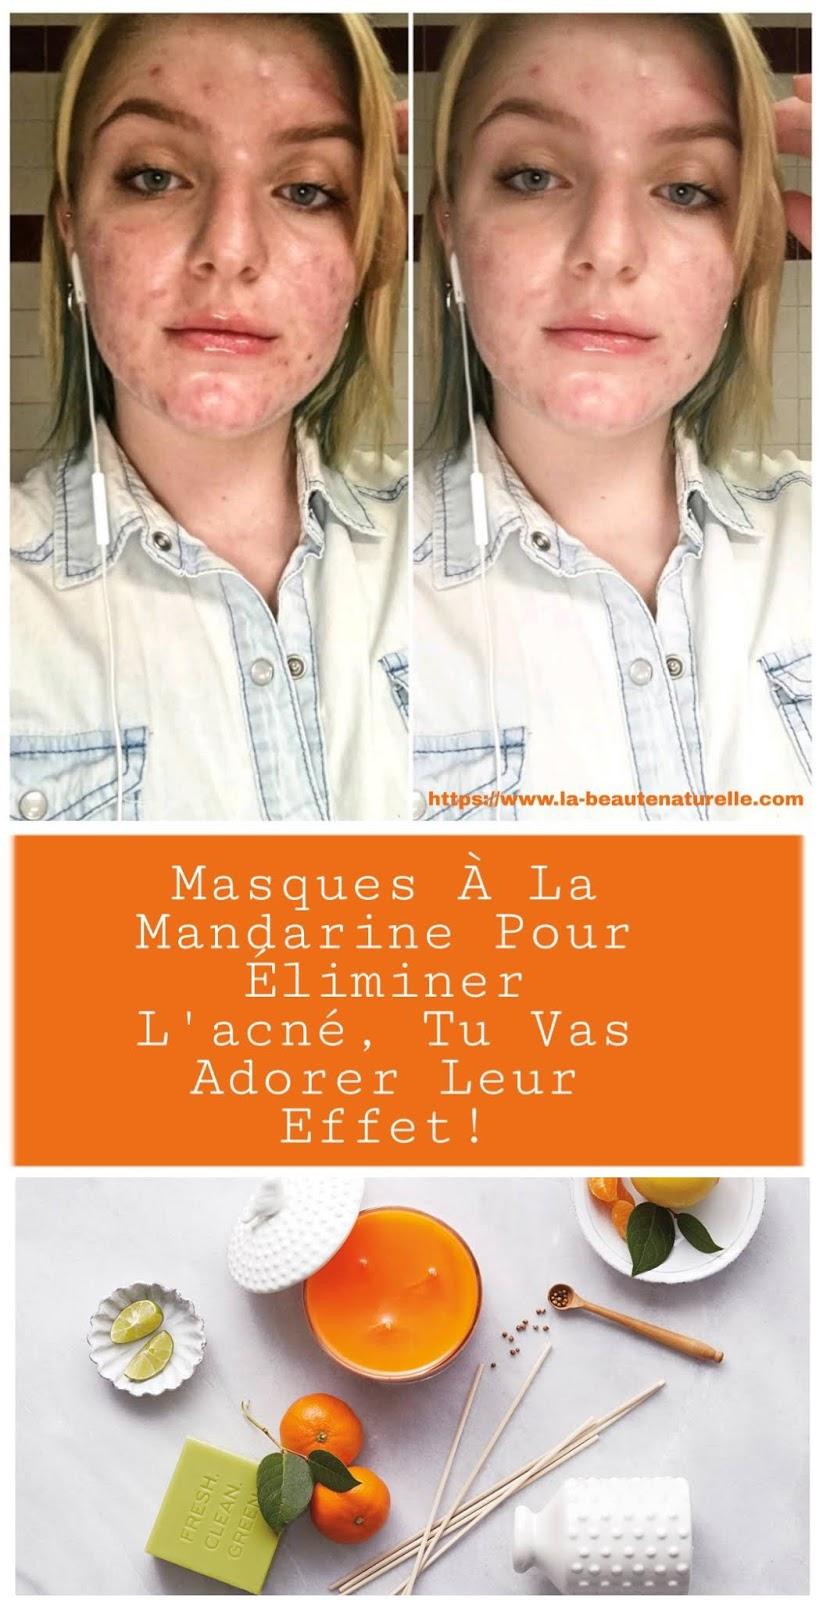 Masques À La Mandarine Pour Éliminer L'acné, Tu Vas Adorer Leur Effet!